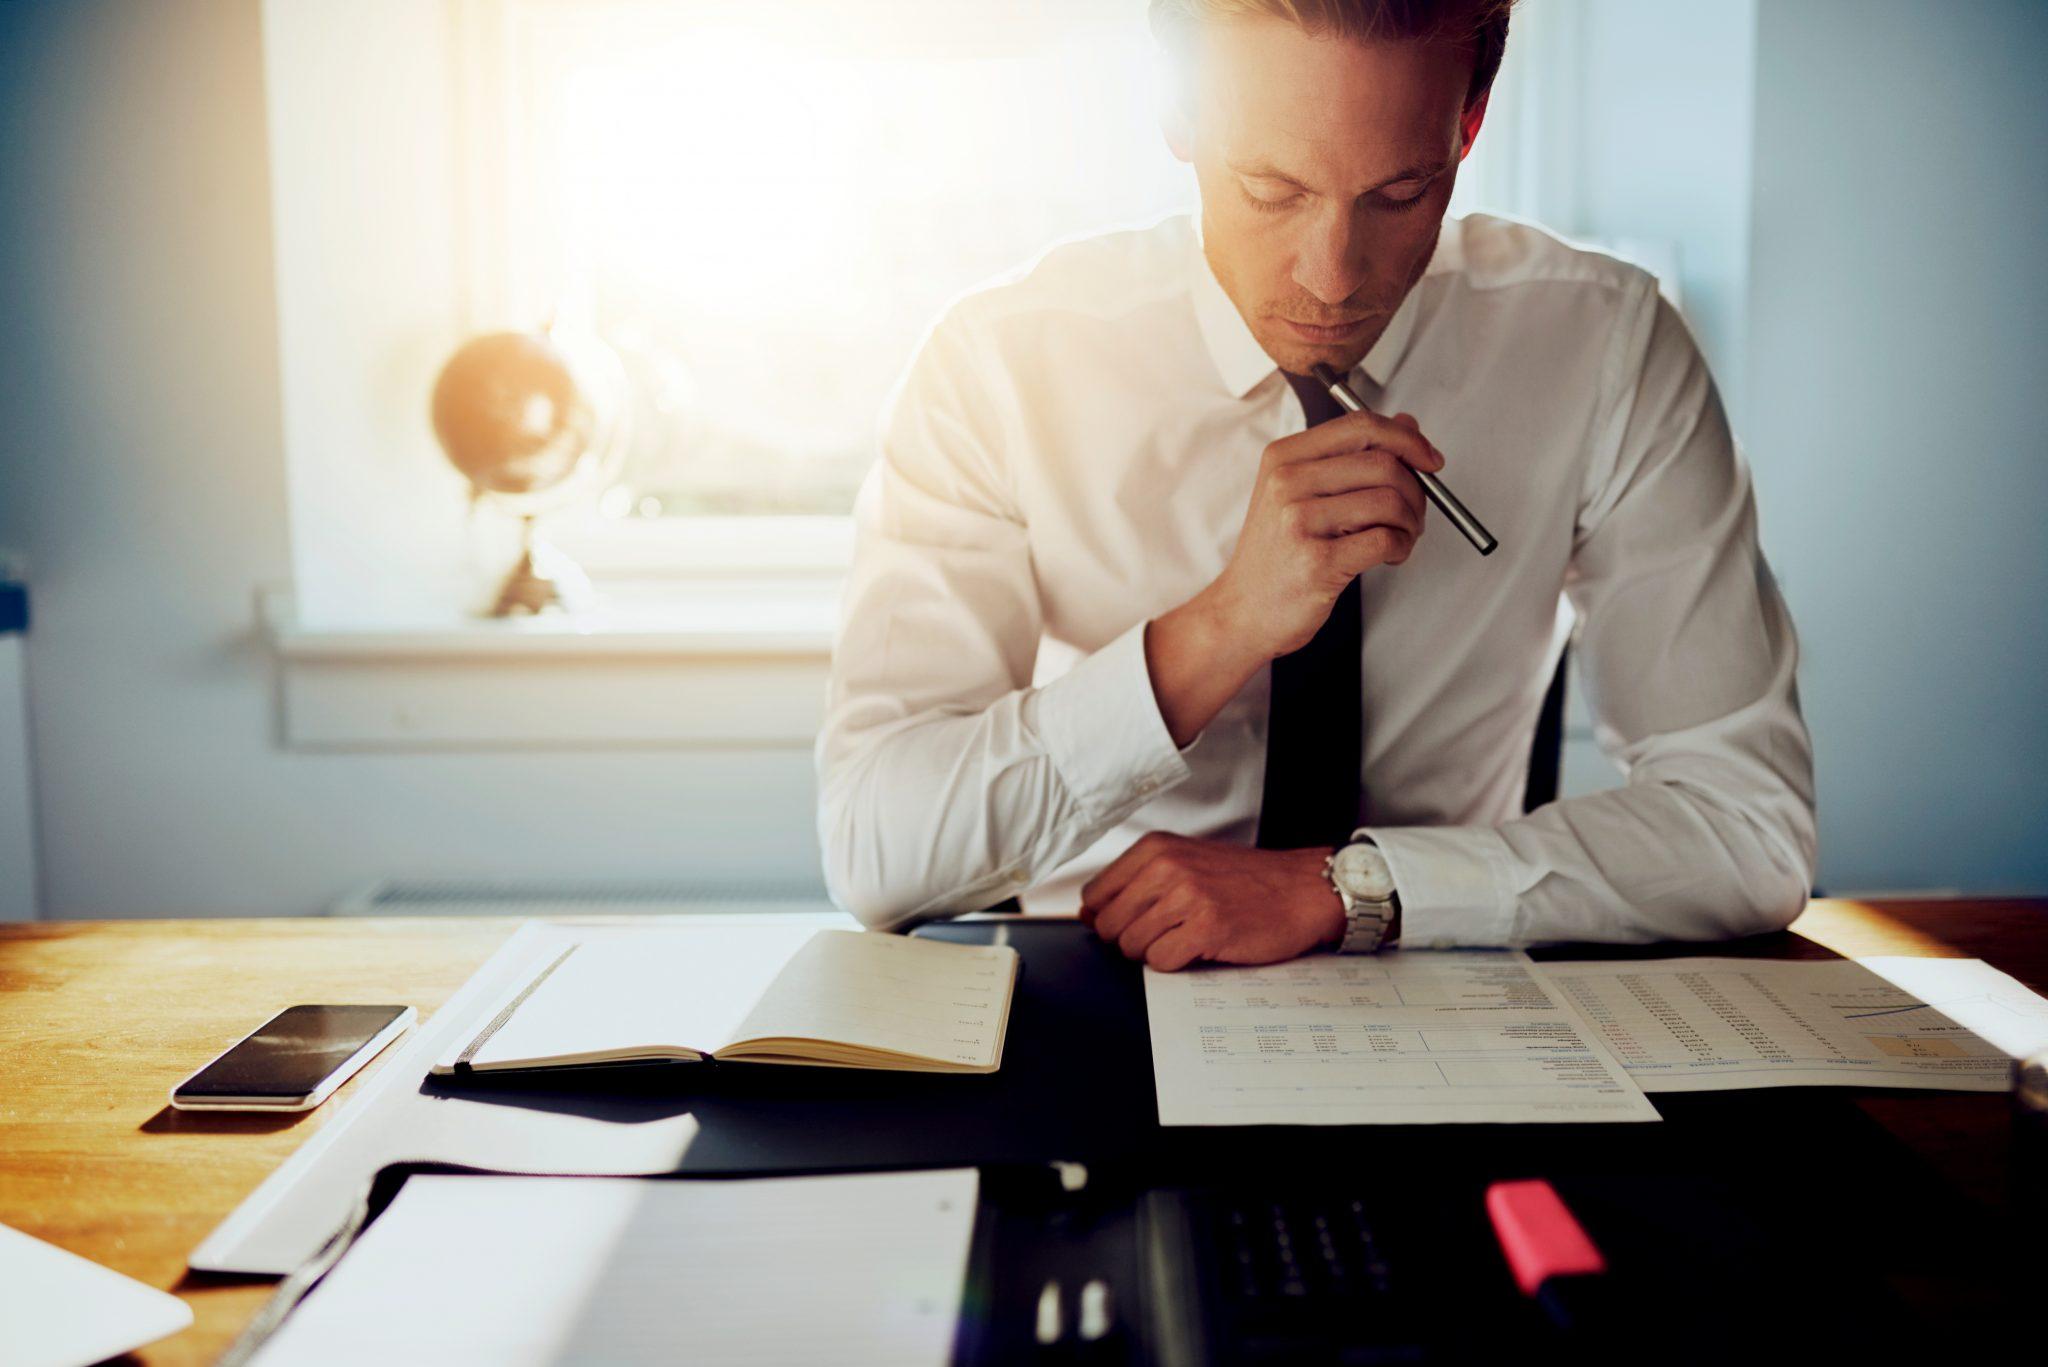 集中して仕事をしているビジネスマン